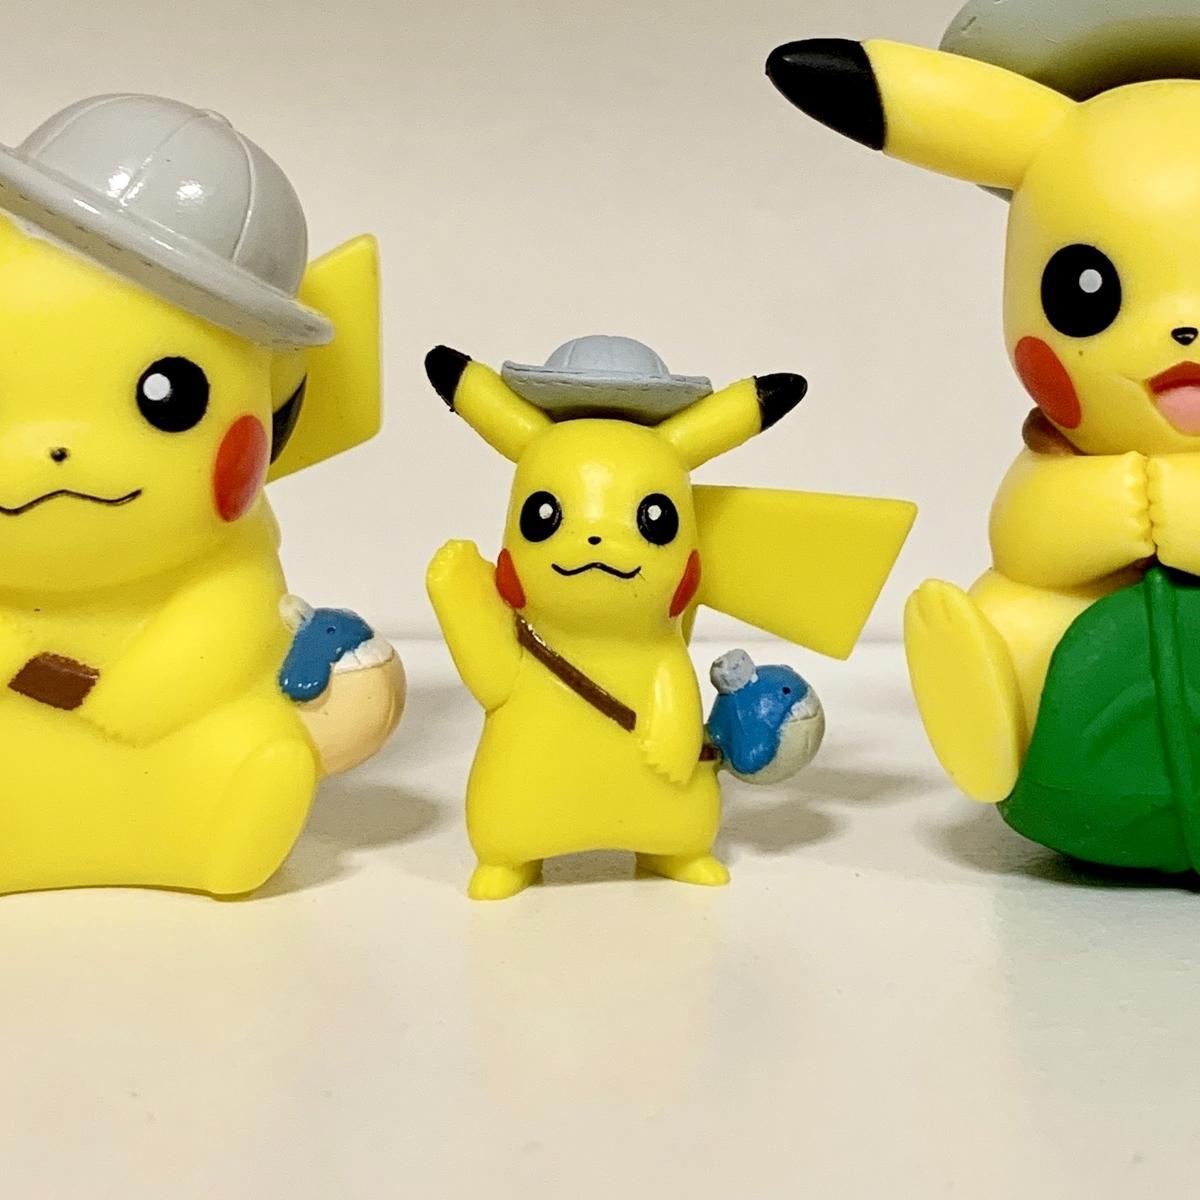 f:id:pikachu_pcn:20200715221958j:plain